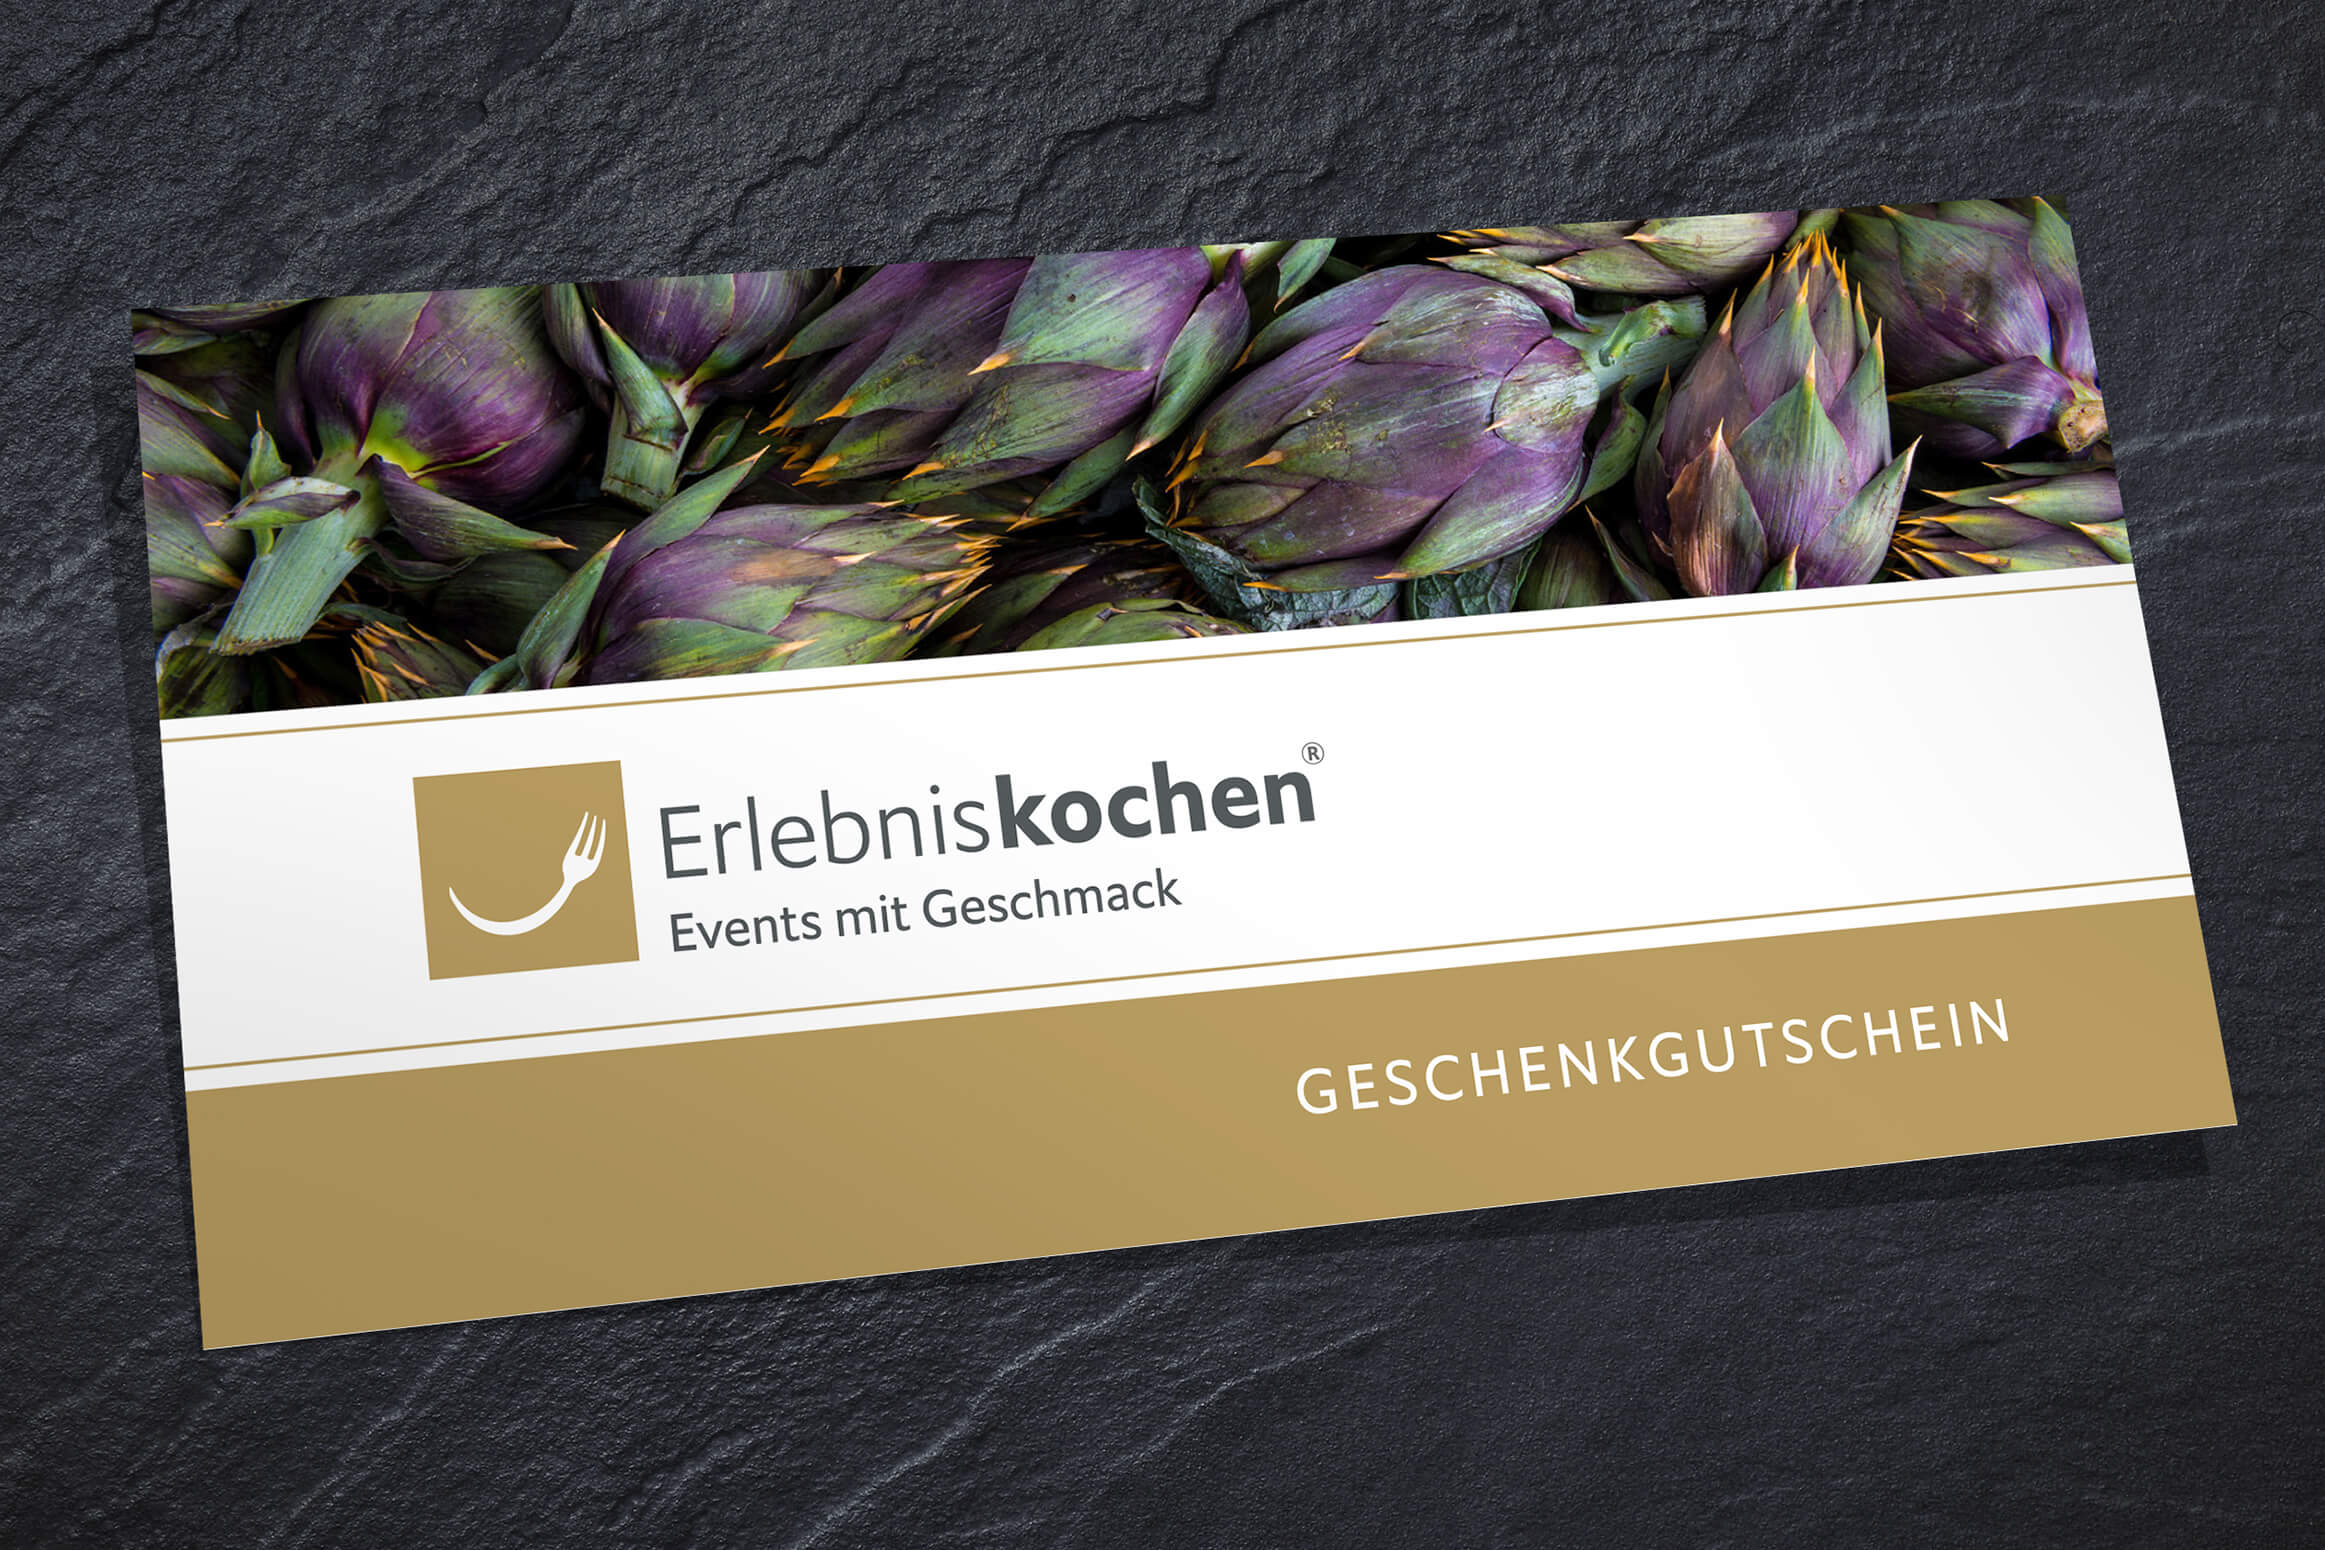 Erlebniskochen-Produkt: Gutschein - Flexibel in Termin, Location und Preis